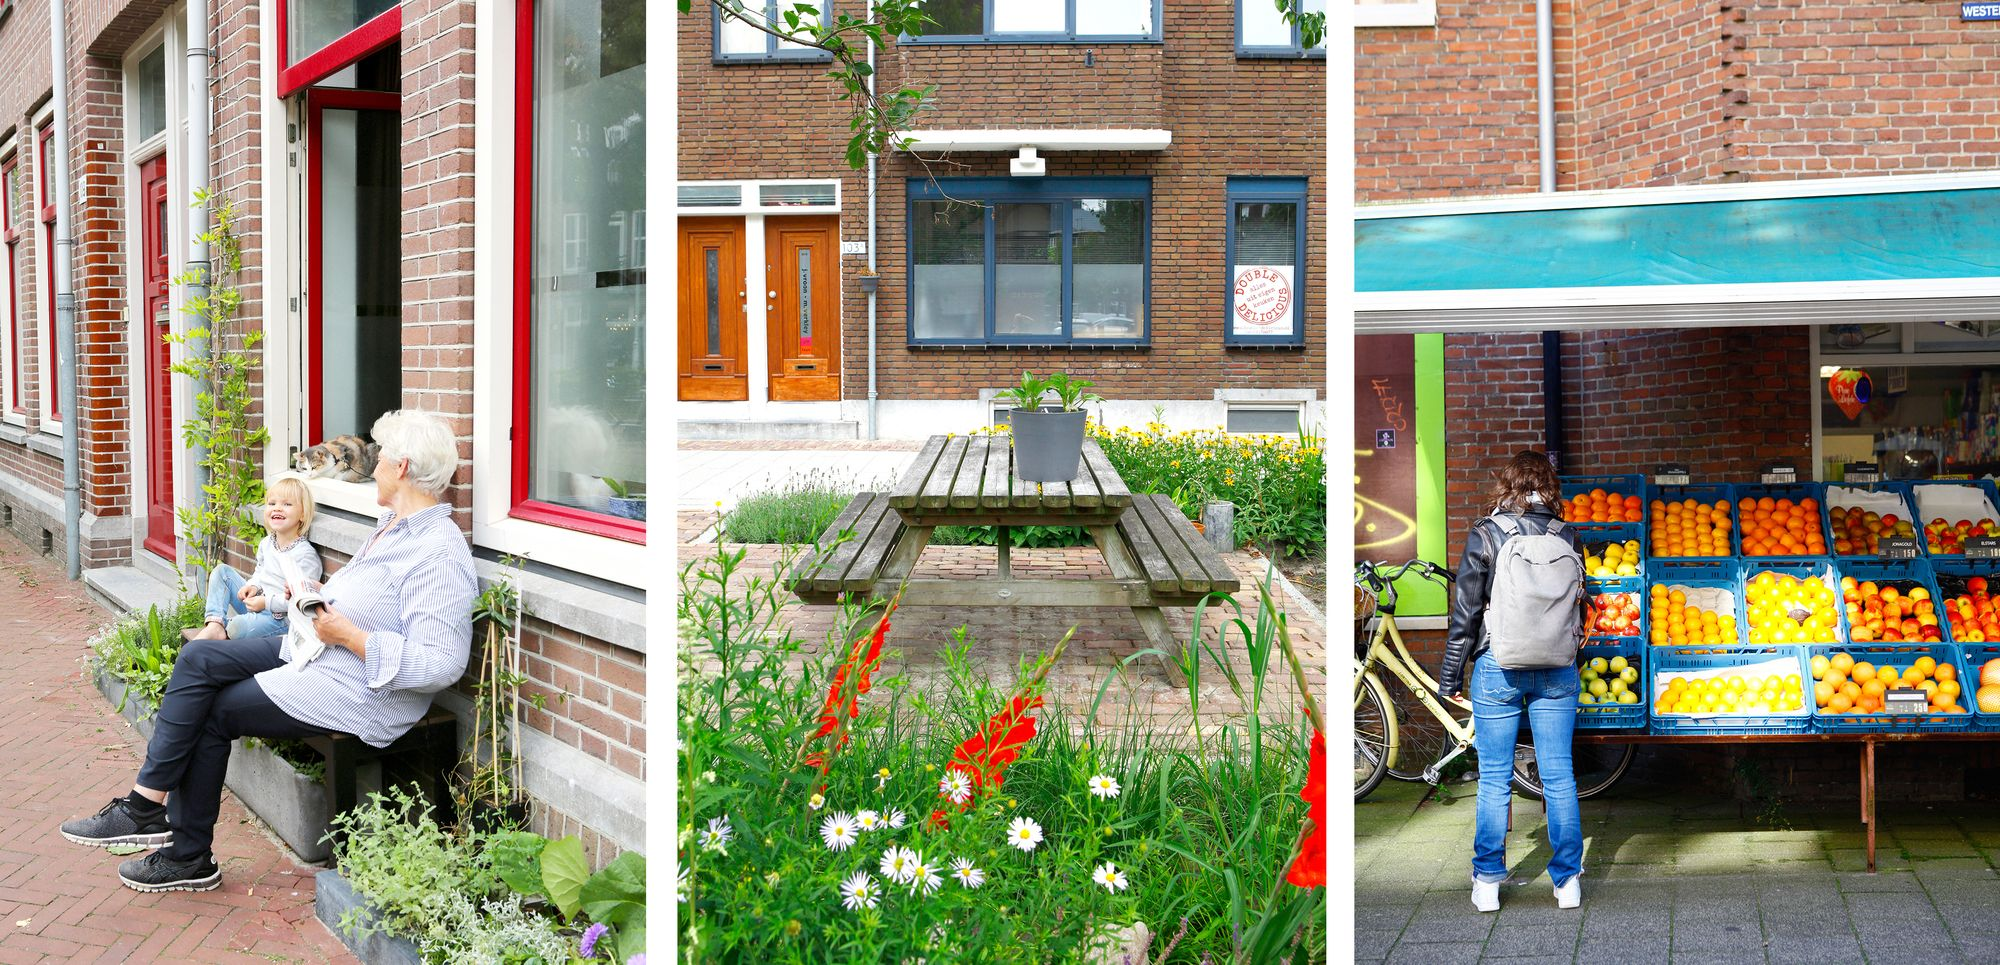 Huis kopen: de buurt bepaalt je woongenot